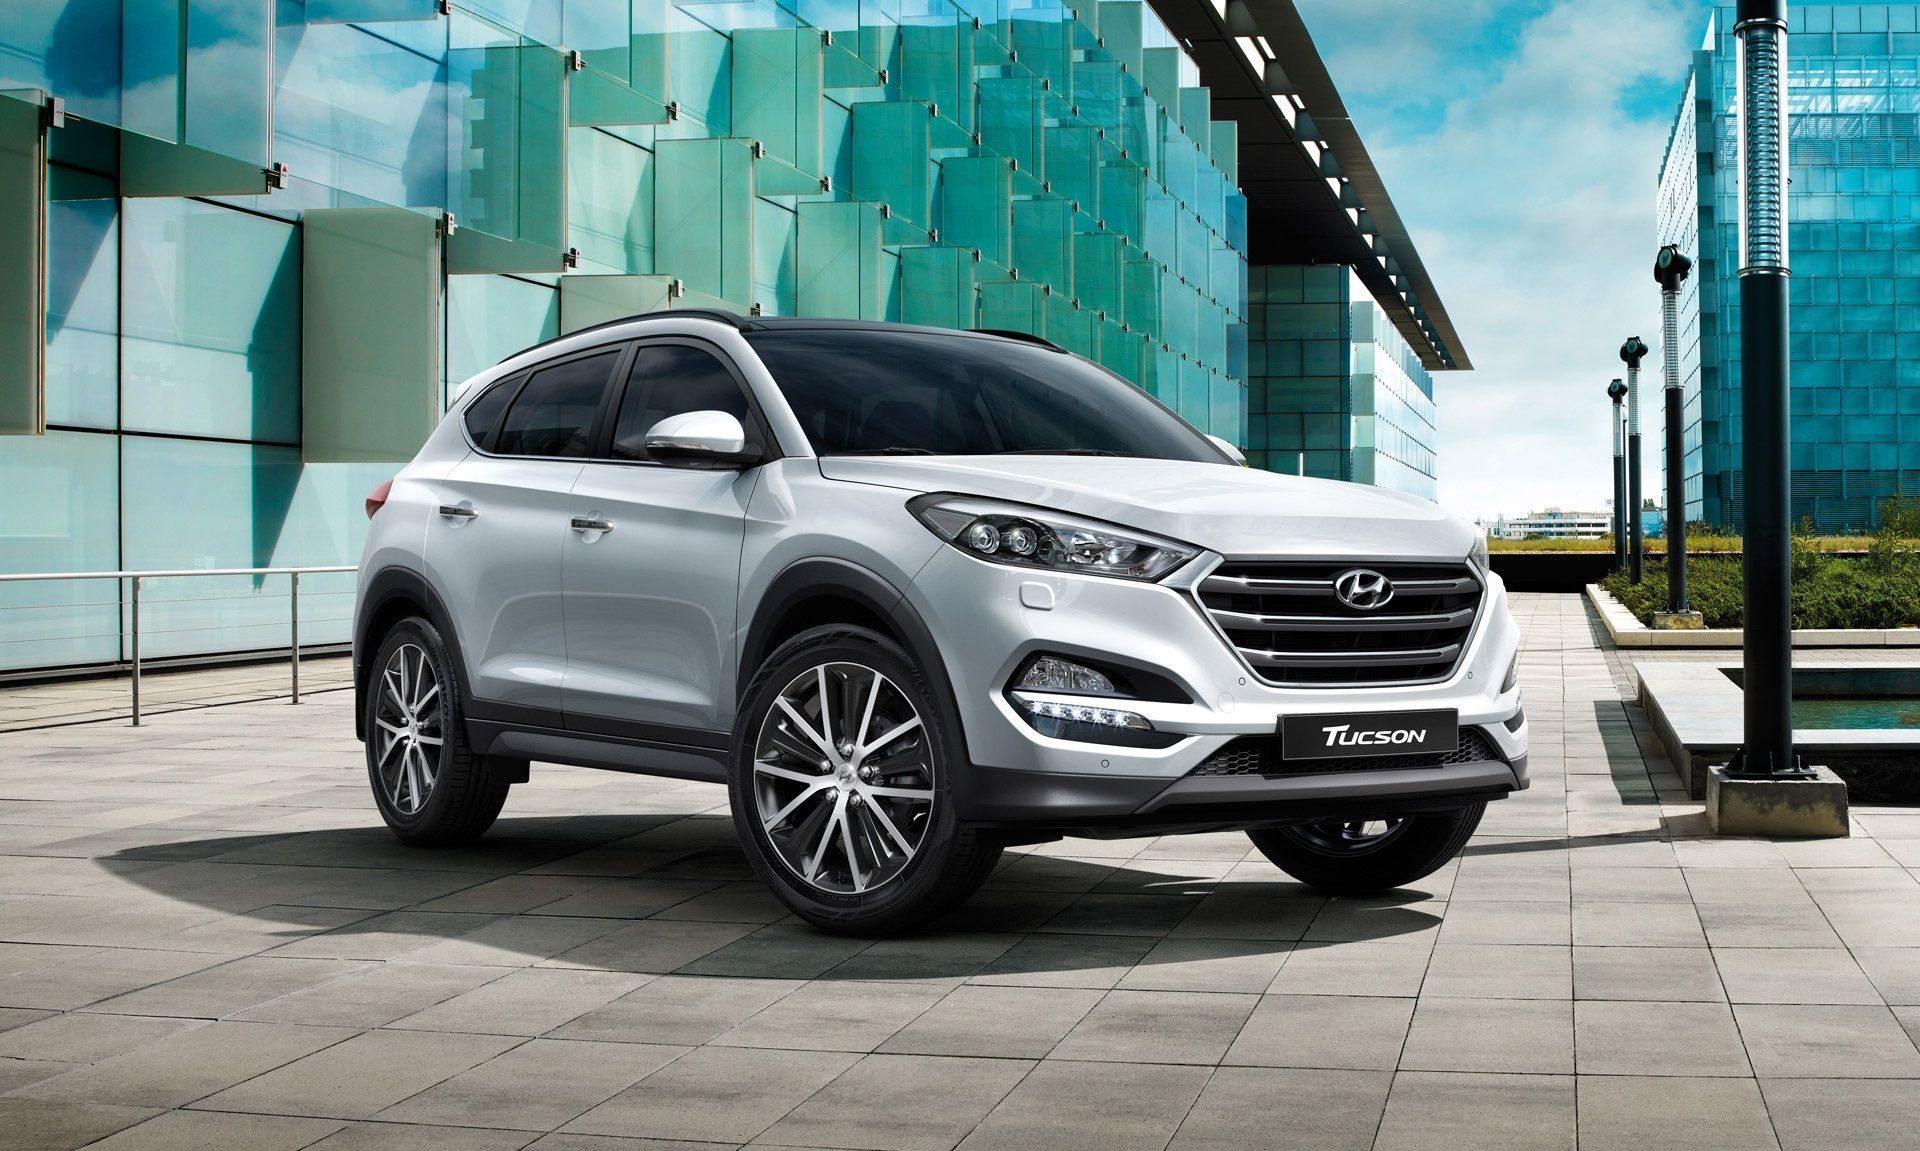 Conocé la nueva Tucson que lanzó Hyundai